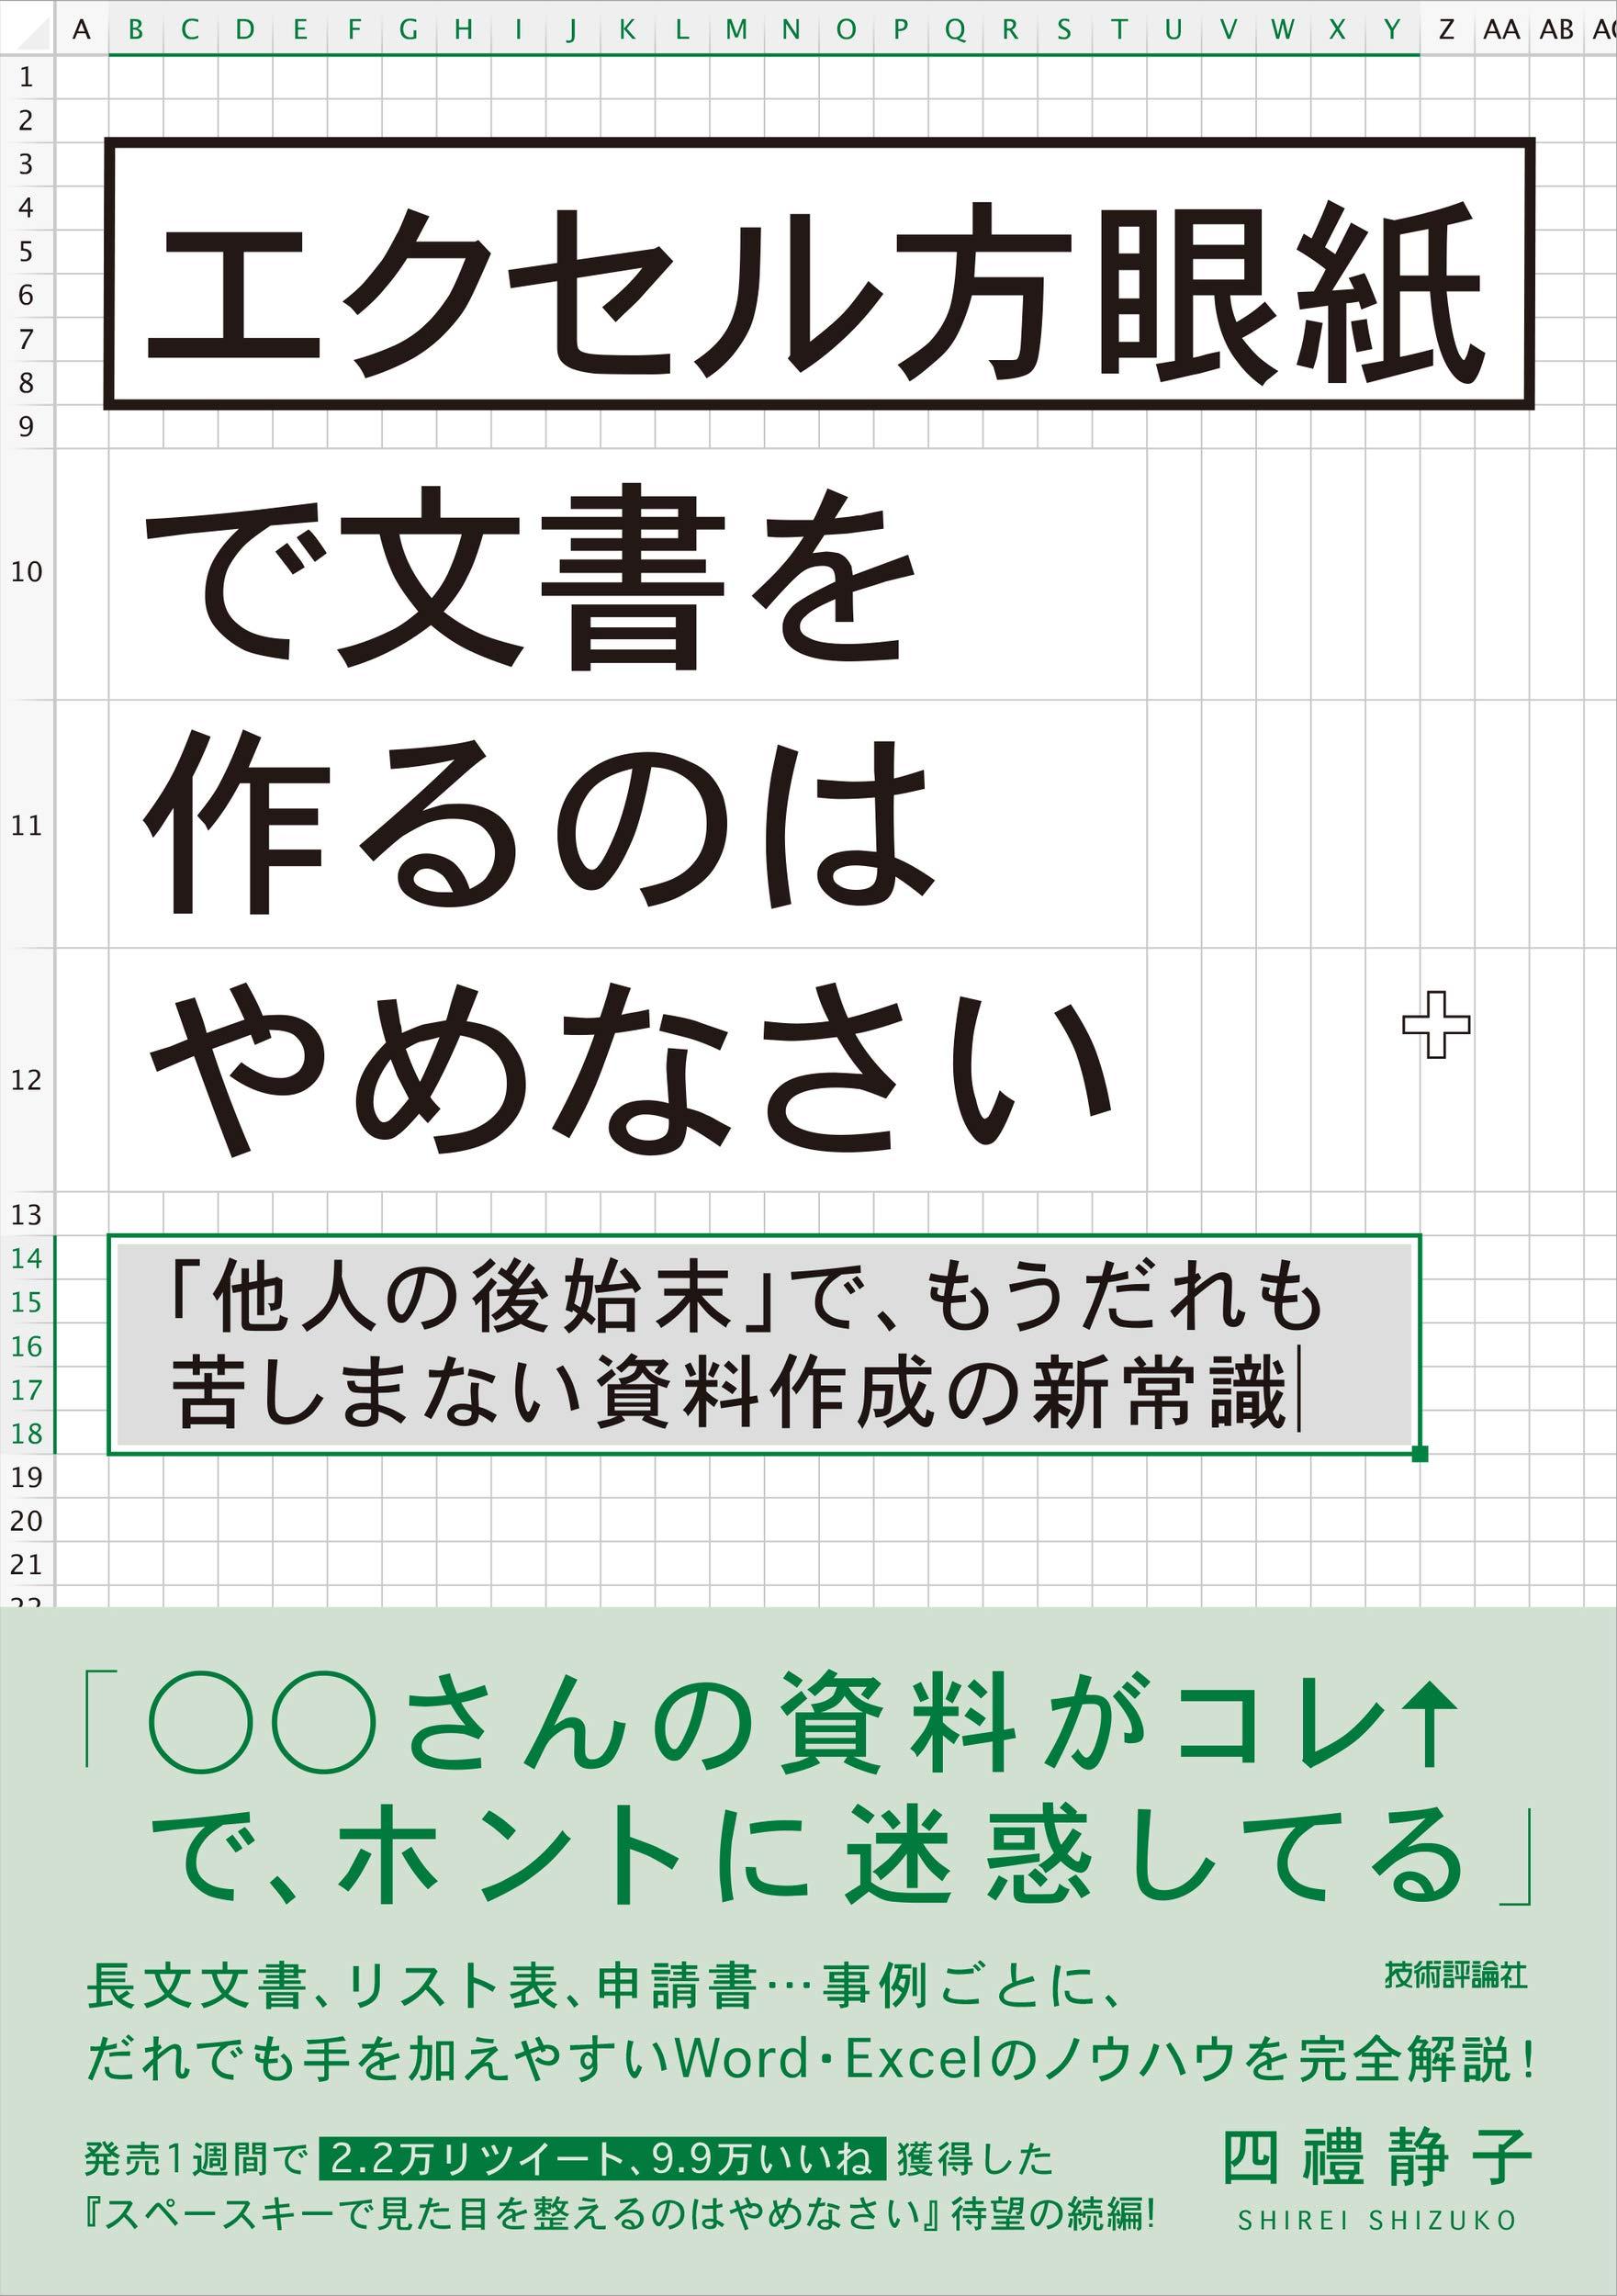 エクセル方眼紙で文書を作るのはやめなさい ~「他人の後始末」で、もうだれも苦しまない資料作成の新常識